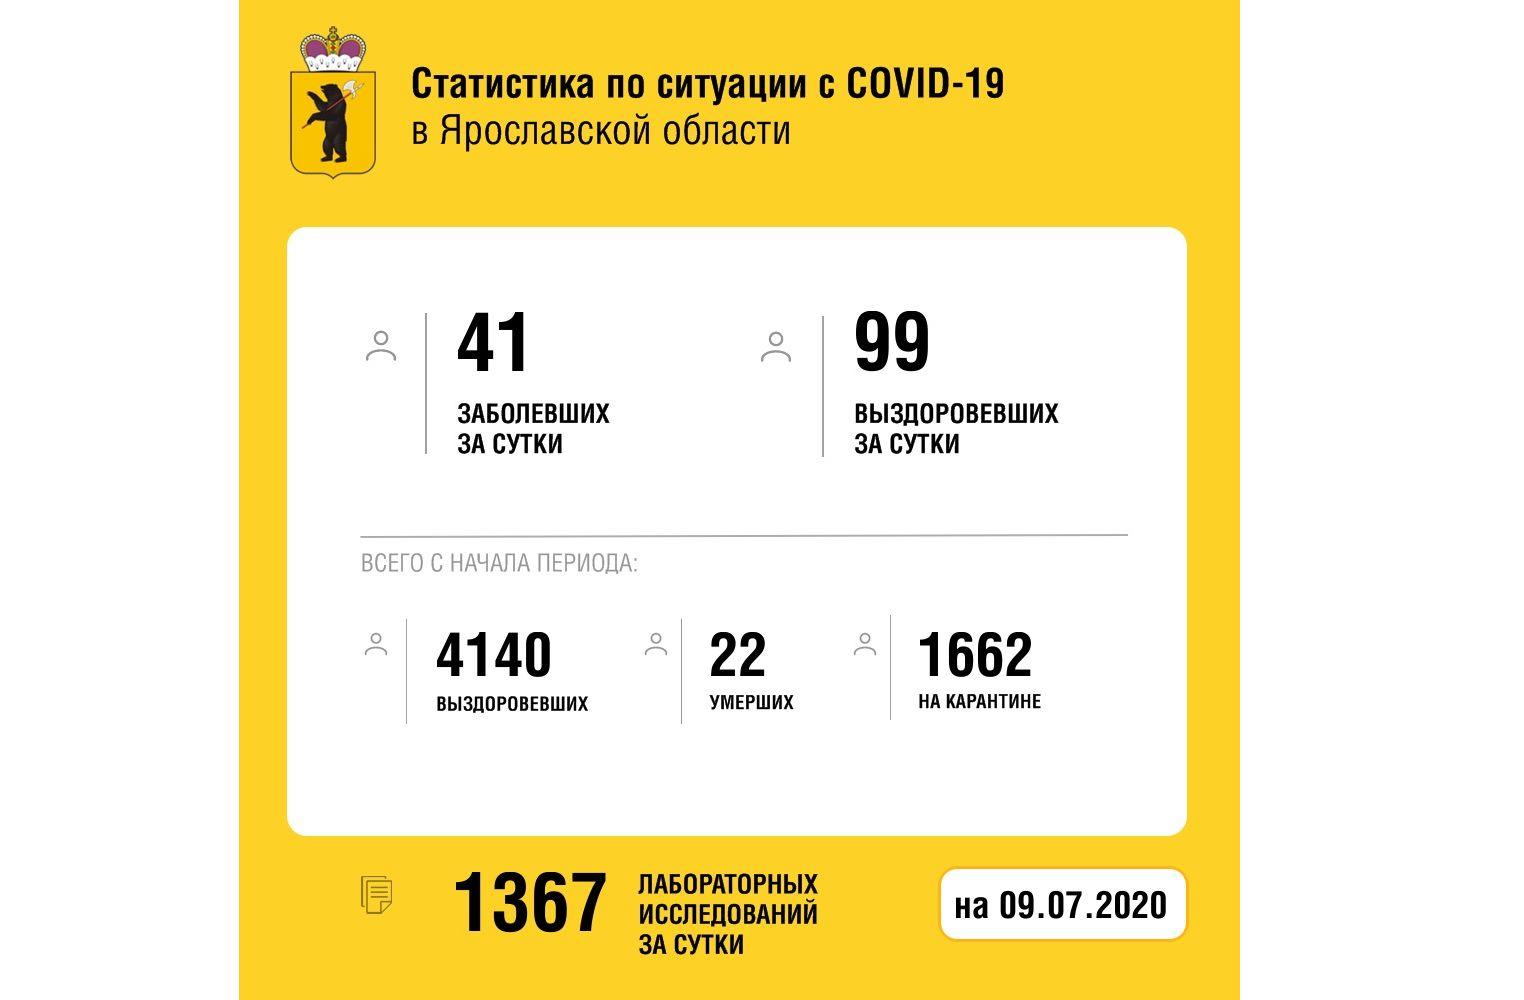 В Ярославской области от коронавируса вылечили еще 99 человек